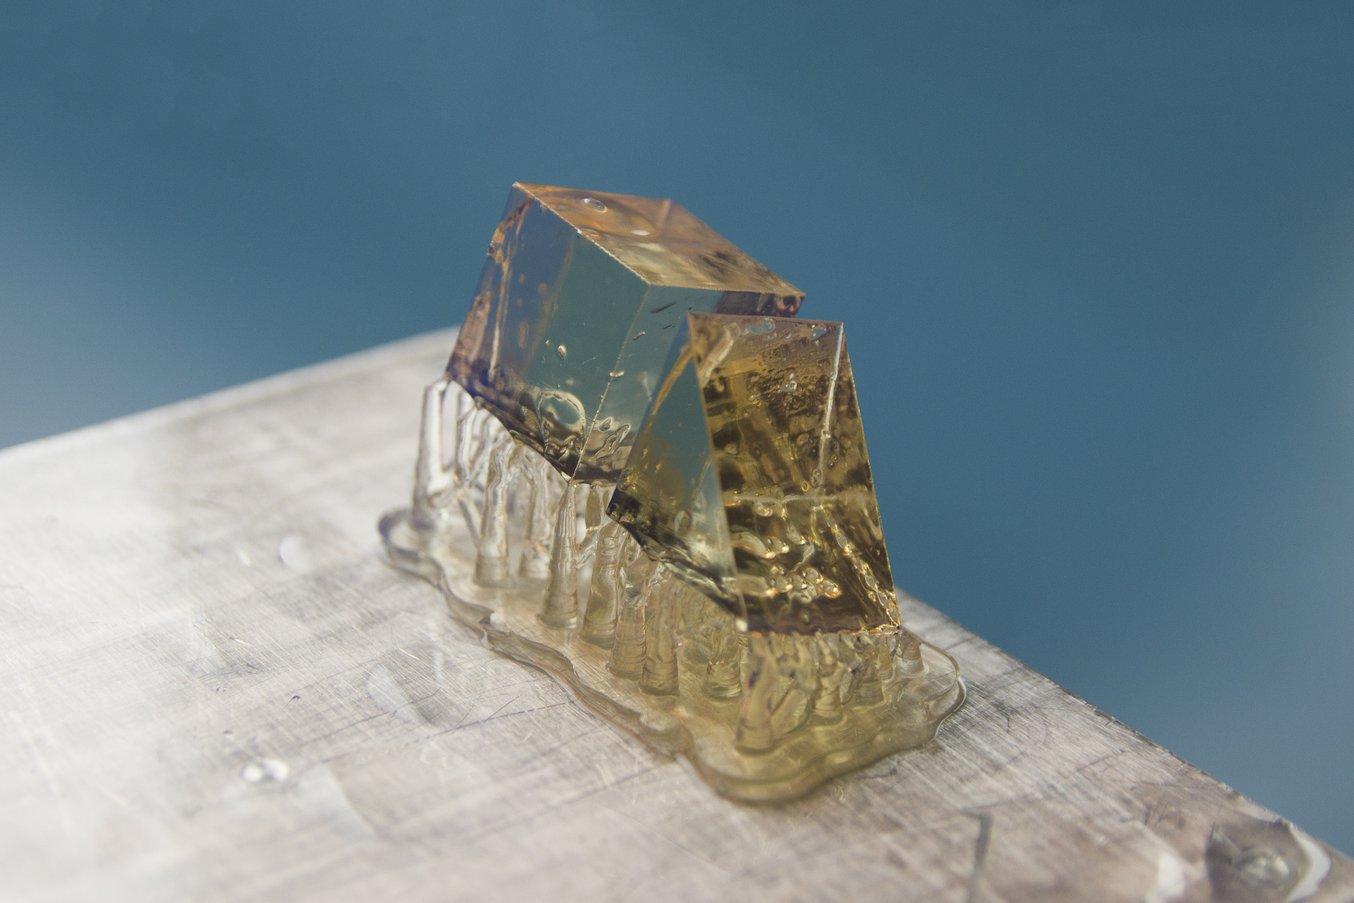 Die Teile werden auf Blasenbildung oder andere Defekte überprüft, die die Lichtdurchlässigkeit beeinträchtigen könnten. Teile werden mithilfe des Finish Kit oder des Form Wash gründlich in Isopropylalkohol (IPA) abgespült.